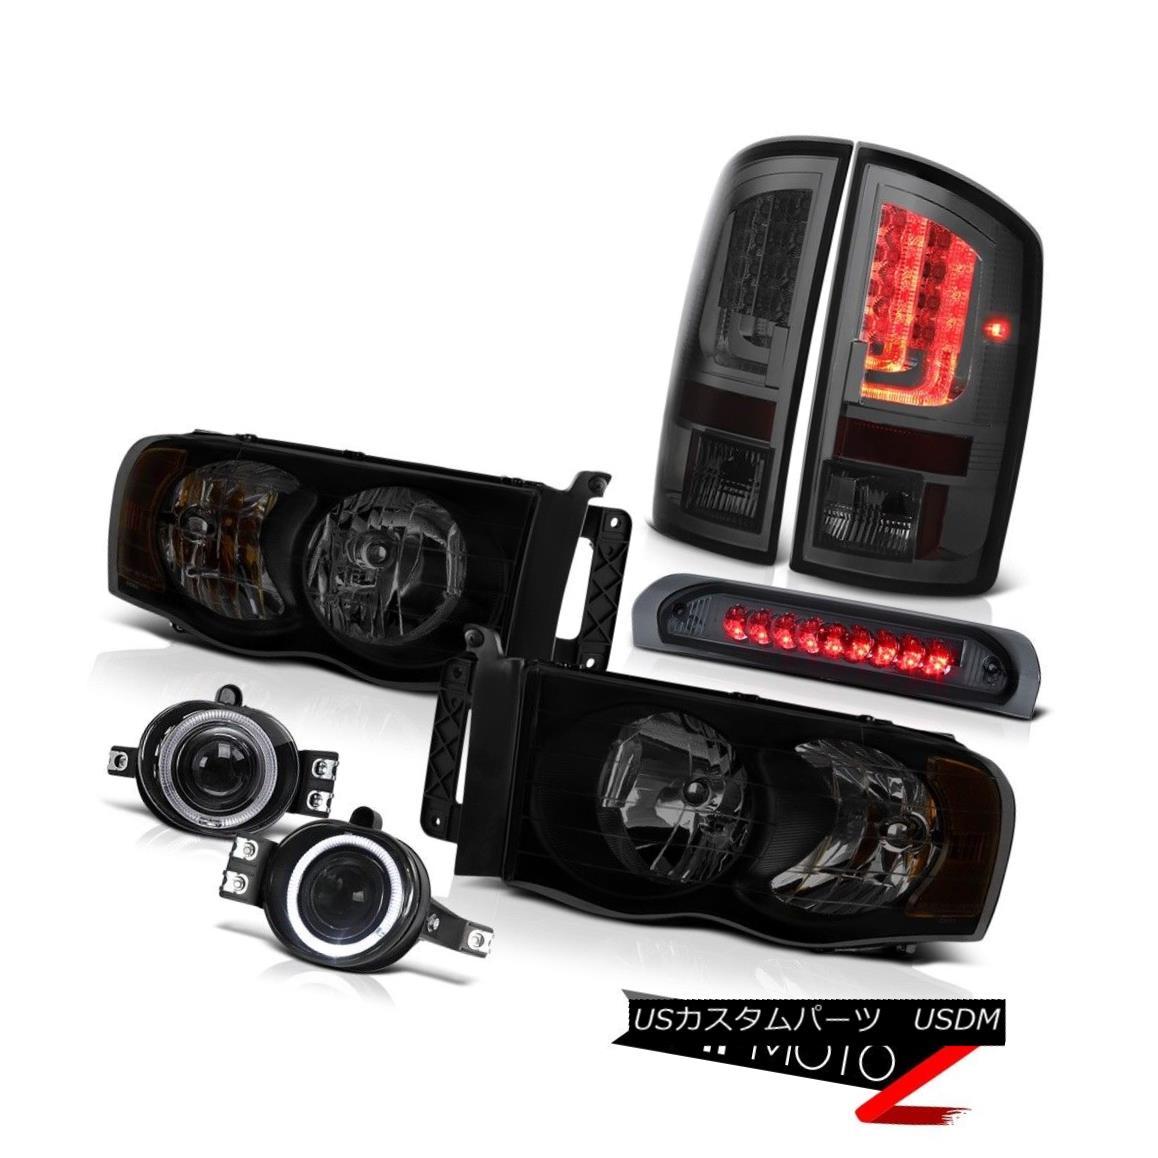 テールライト 02-05 Ram 1500 2500 1500 3.7L Taillights Headlamps Fog Lamps 3RD Brake Lamp LED 02-05 Ram 1500 2500 1500 3.7Lターンライトヘッドランプフォグランプ3RDブレーキランプLED